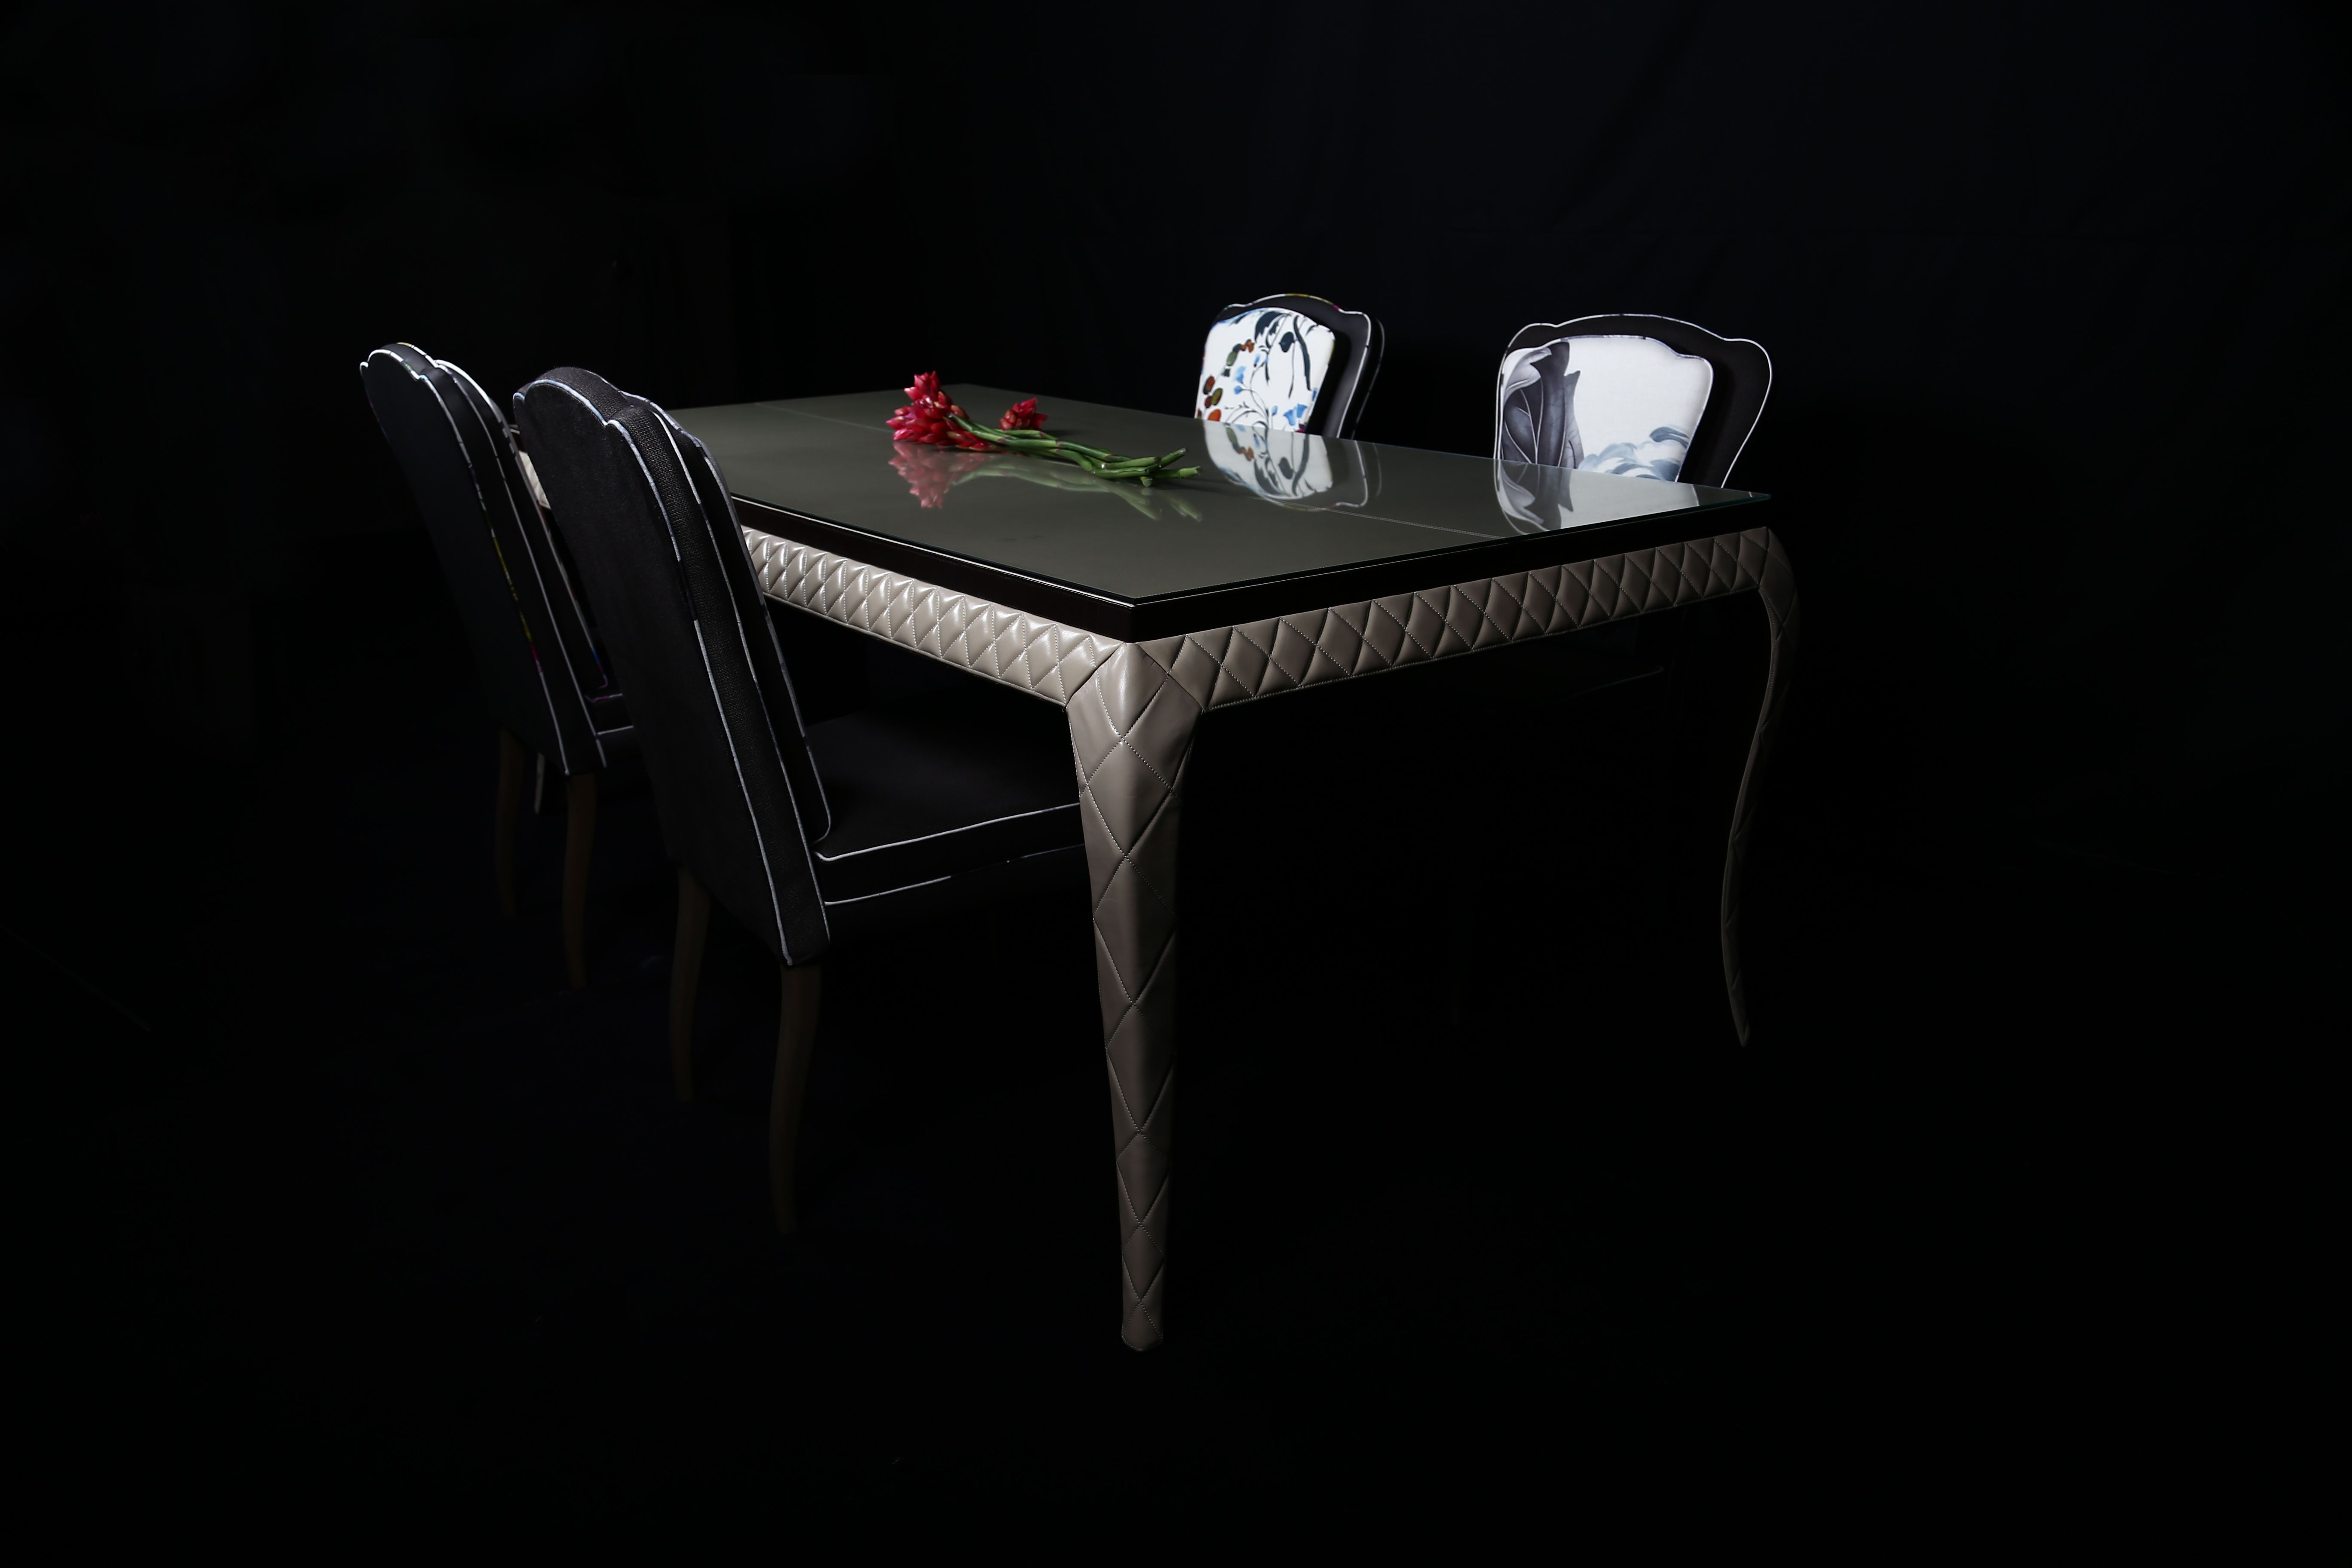 Faça desta mesa o seu reino. Partilhe com ela as histórias que suportam a vida.